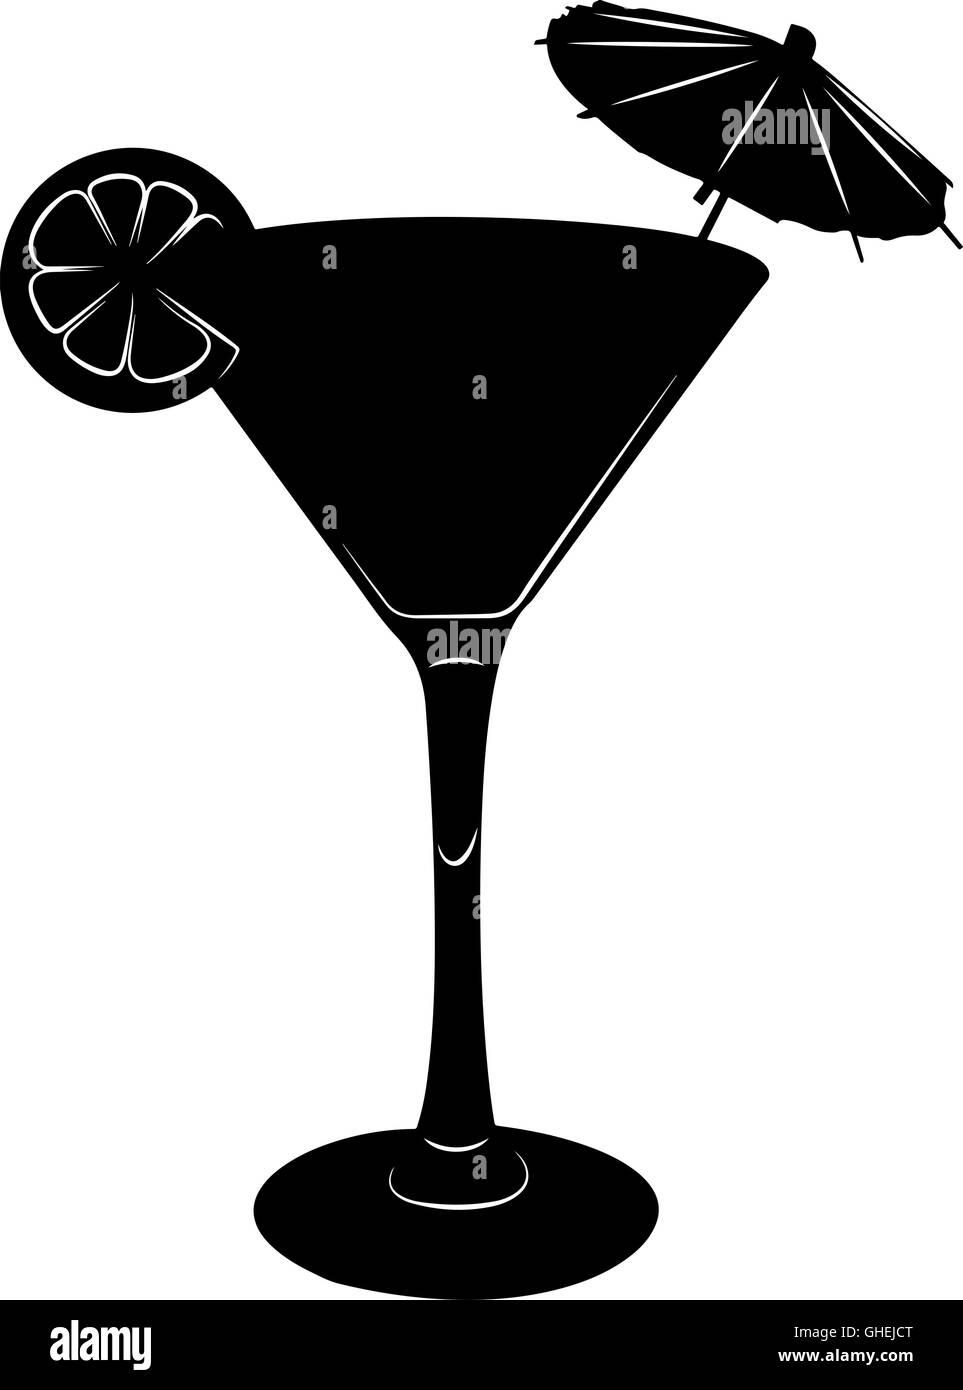 martini cocktail glas abbildung mit sonnenschirm und. Black Bedroom Furniture Sets. Home Design Ideas